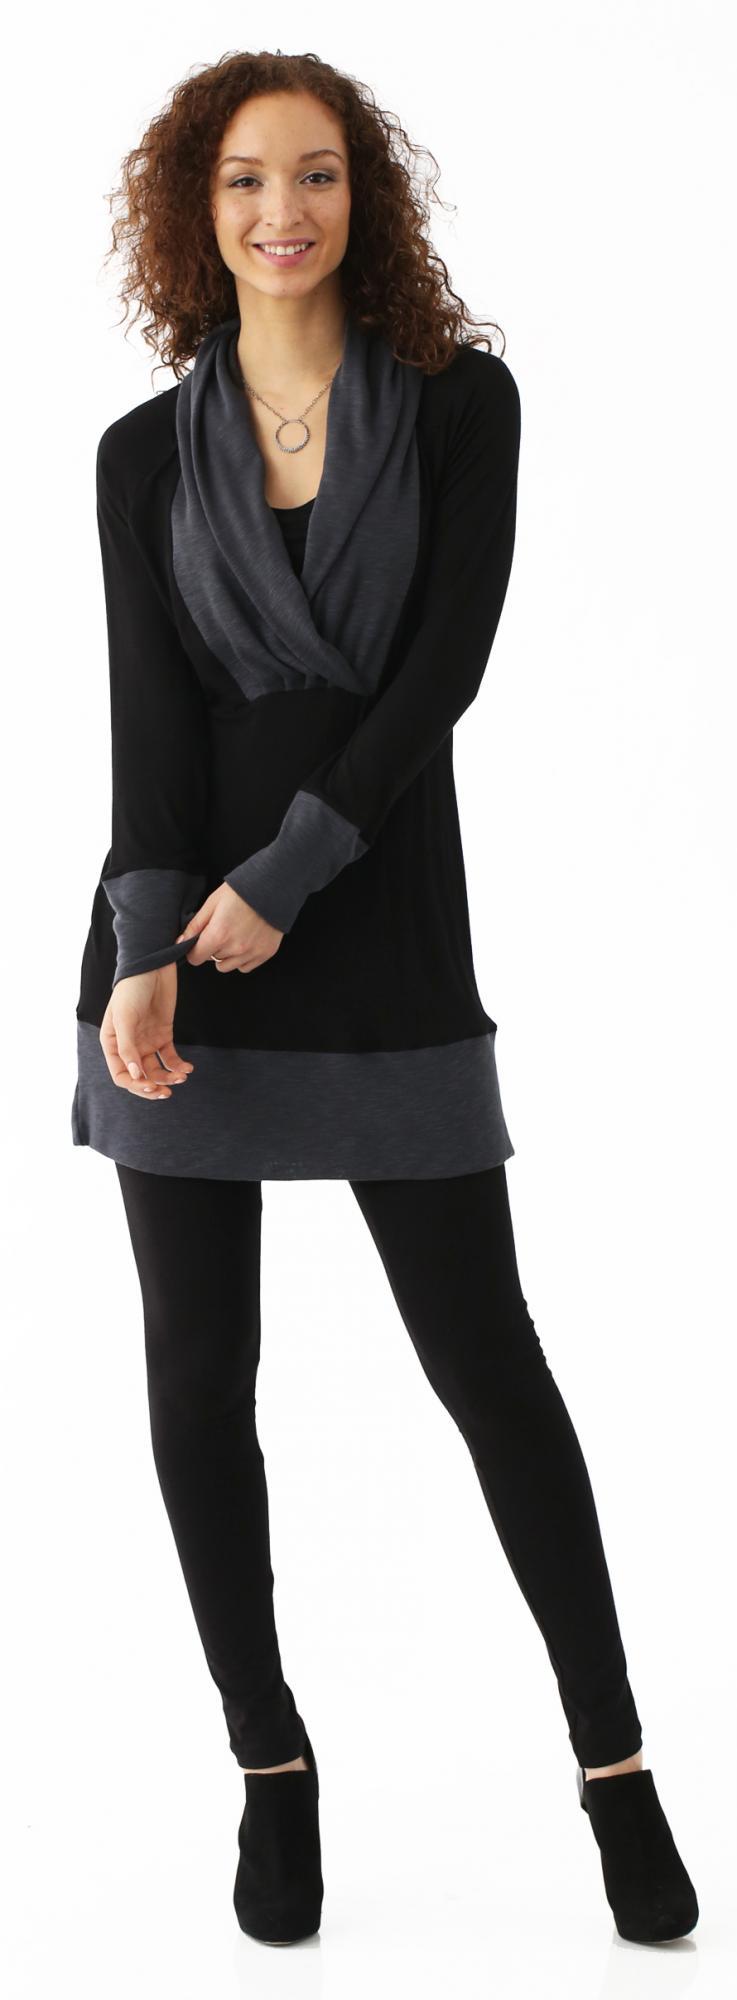 majamas-simone-nursing-tunic-black.jpg